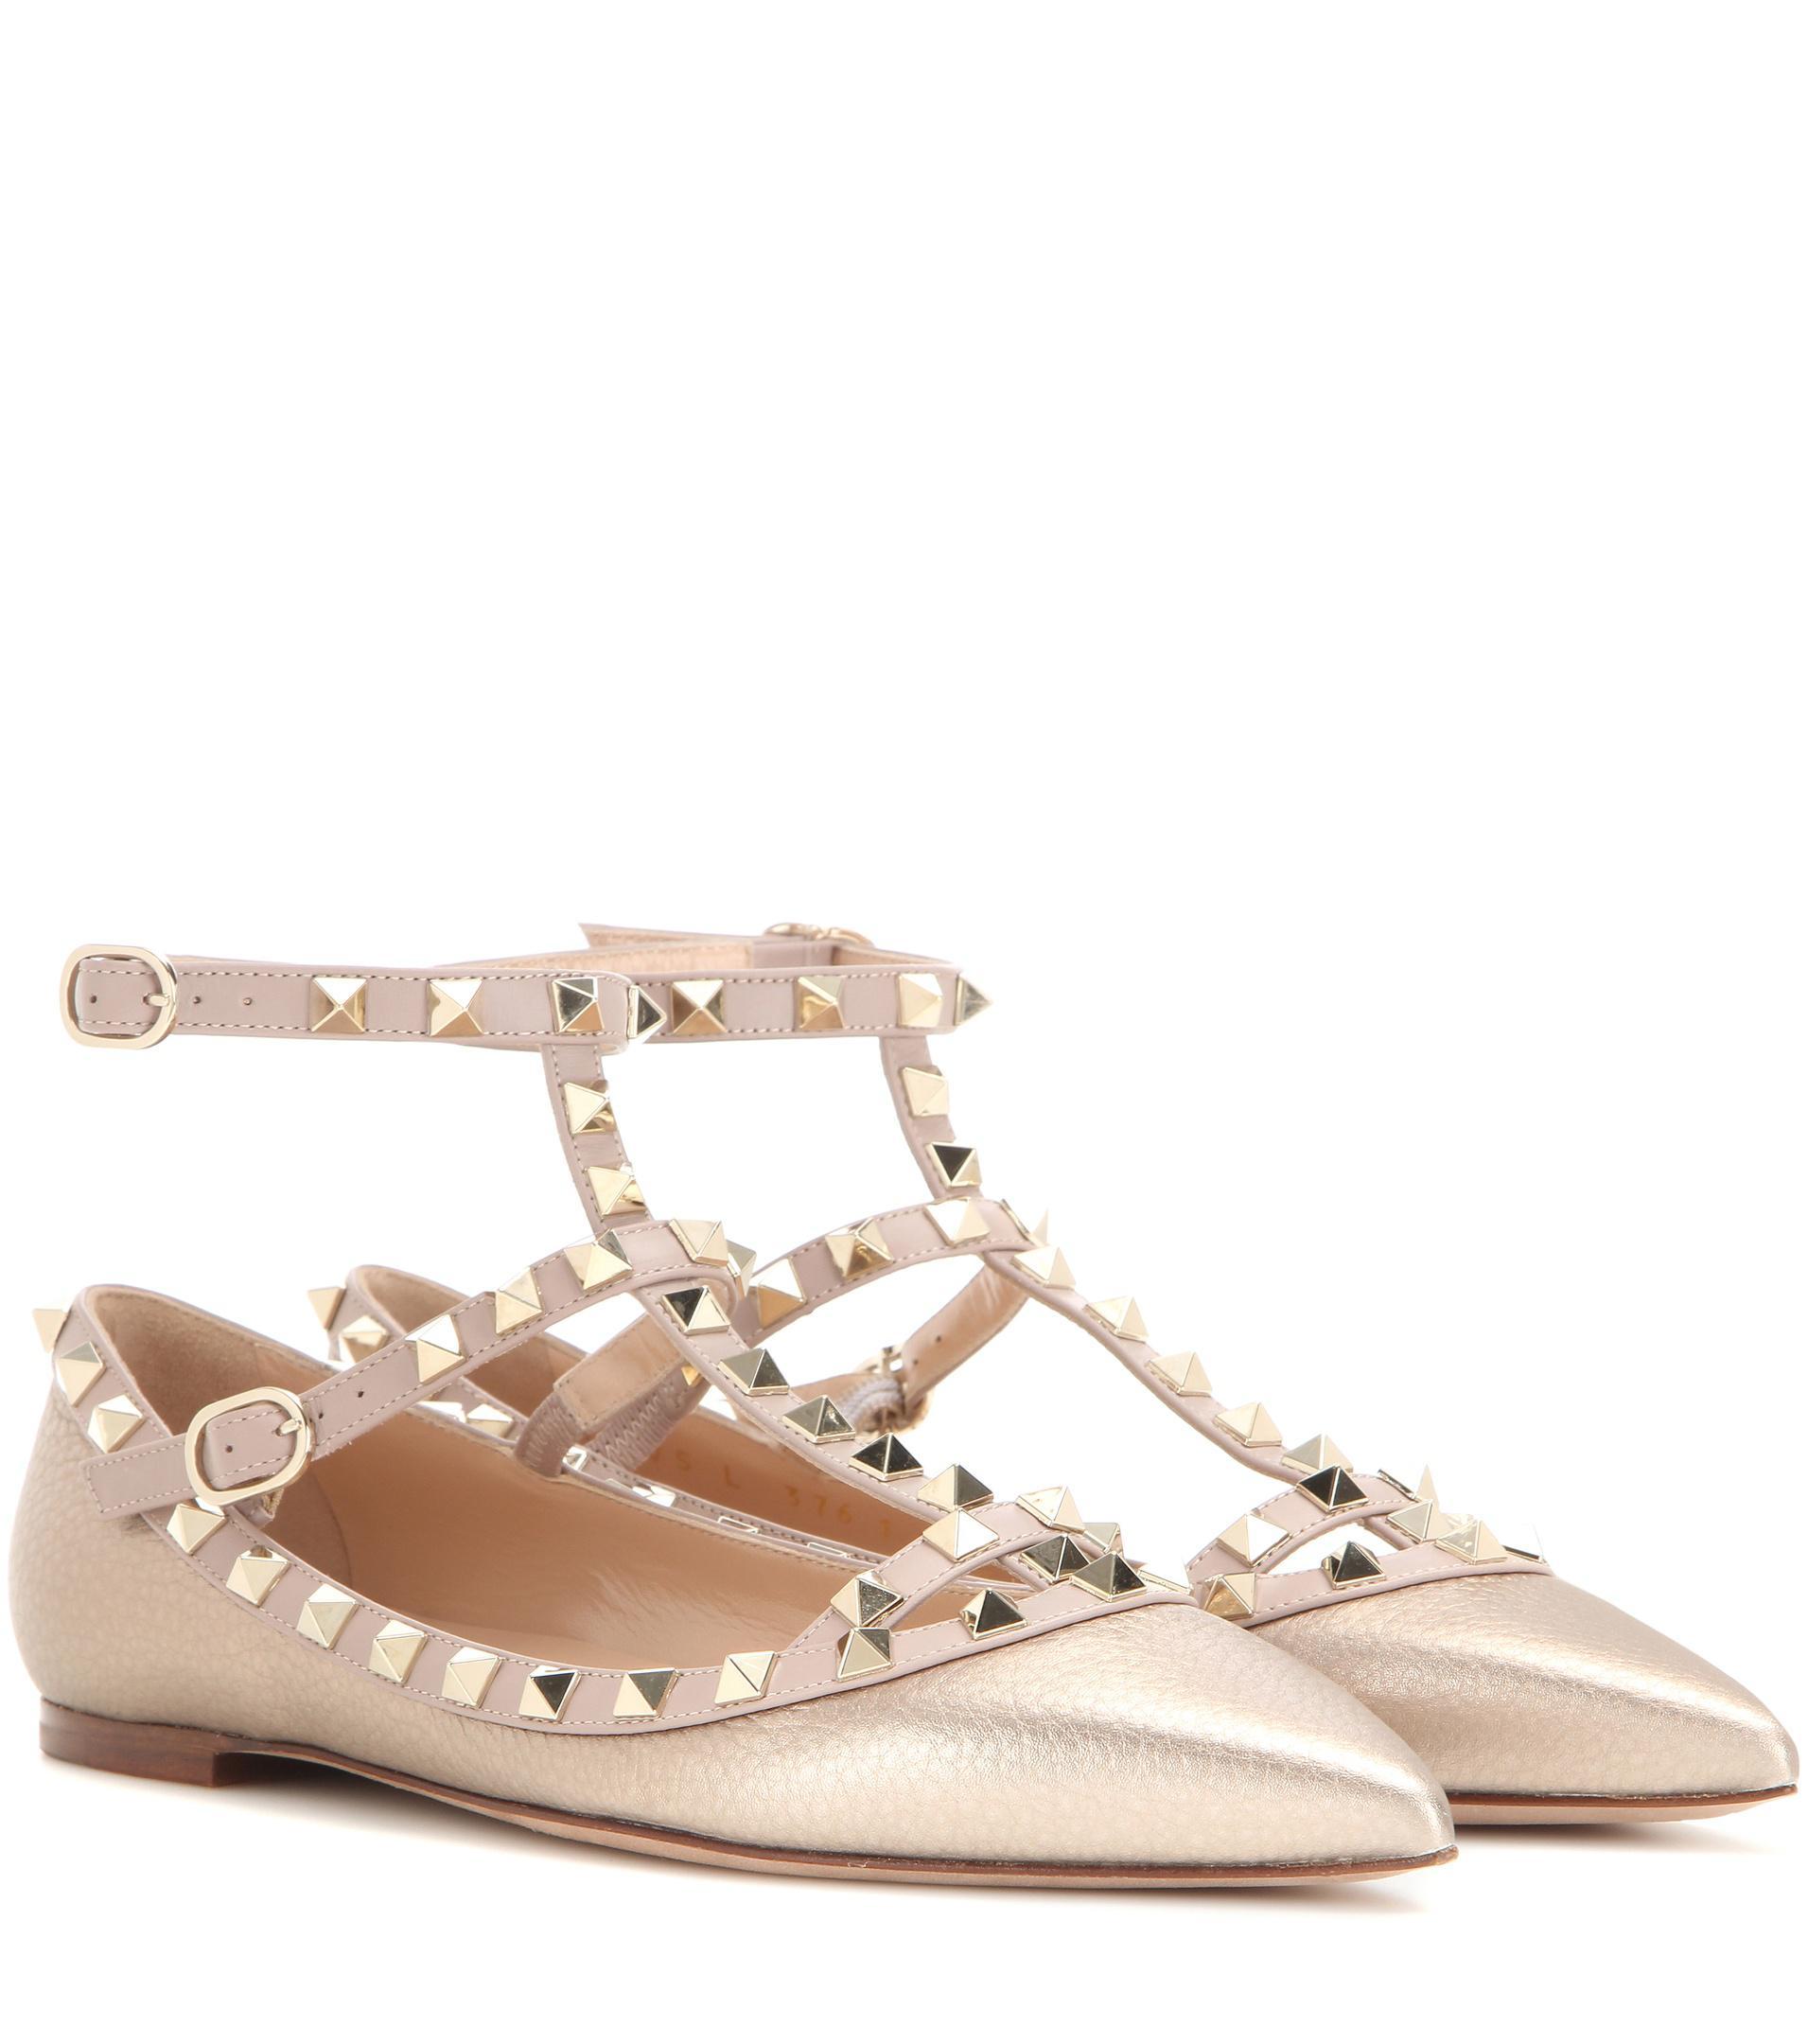 Garavani Rockstud metallic leather ballerinas Valentino AxEsvL